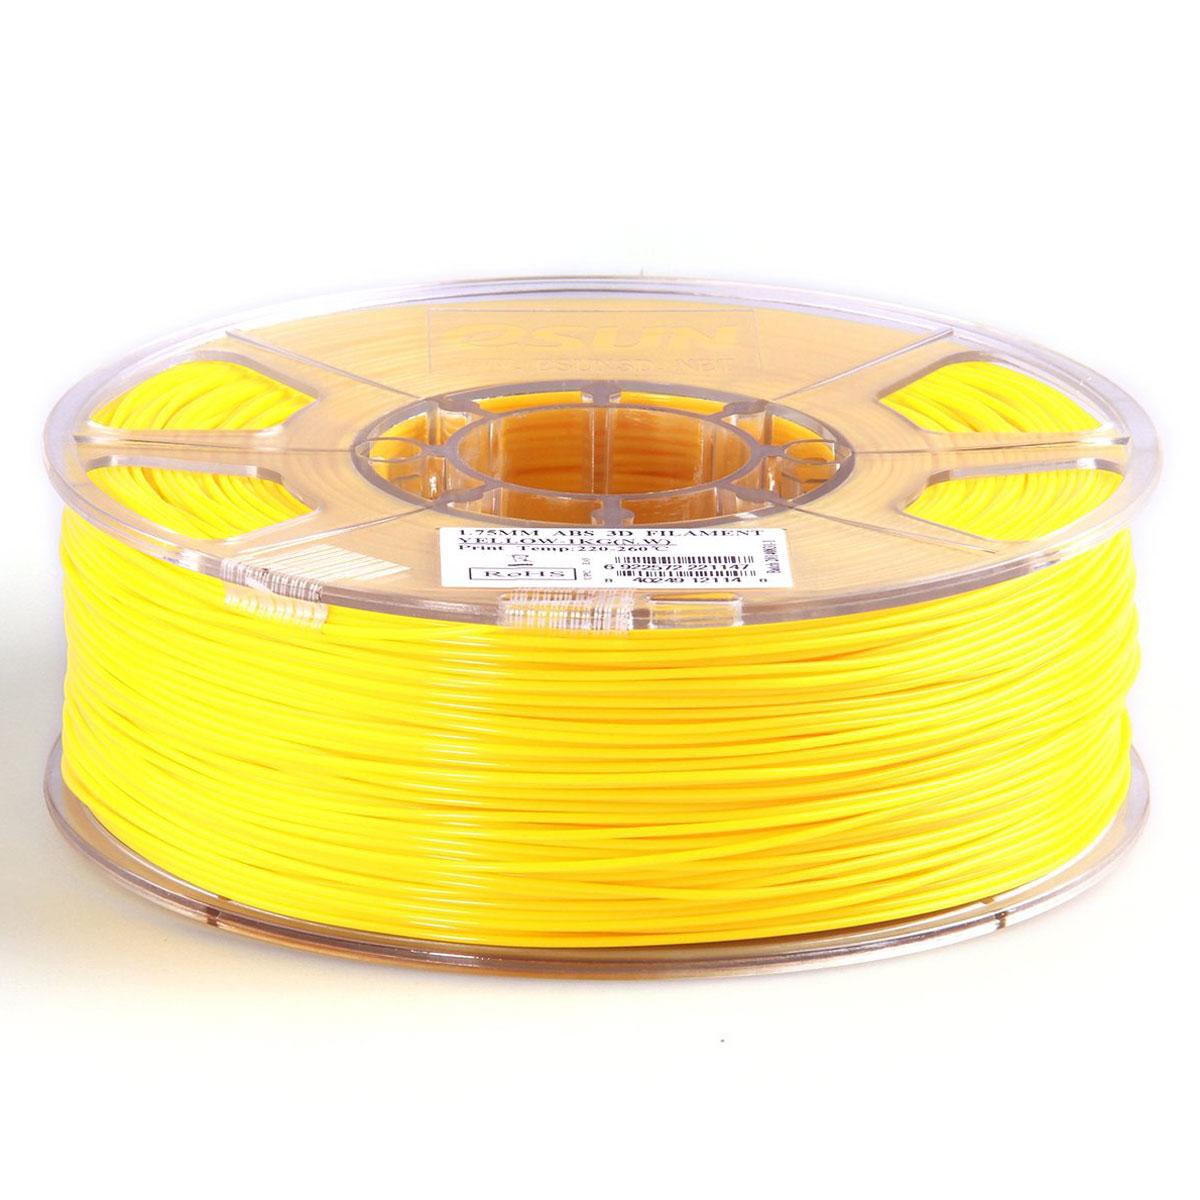 ESUN пластик ABS в катушке, Yellow, 1,75 ммABS175Y1Пластик ABS от ESUN долговечный и очень прочный полимер, ударопрочный, эластичный и стойкий к моющим средствам и щелочам. Один из лучших материалов для печати на 3D принтере. Пластик ABS не имеет запаха и не является токсичным. Температура плавления 220-260°C. АБС пластик для 3D-принтера применяется в деталях автомобилей, канцелярских изделиях, корпусах бытовой техники, мебели, сантехники, а также в производстве игрушек, сувениров, спортивного инвентаря, деталей оружия, медицинского оборудования и прочего. Диаметр пластиковой нити: 1.75 мм